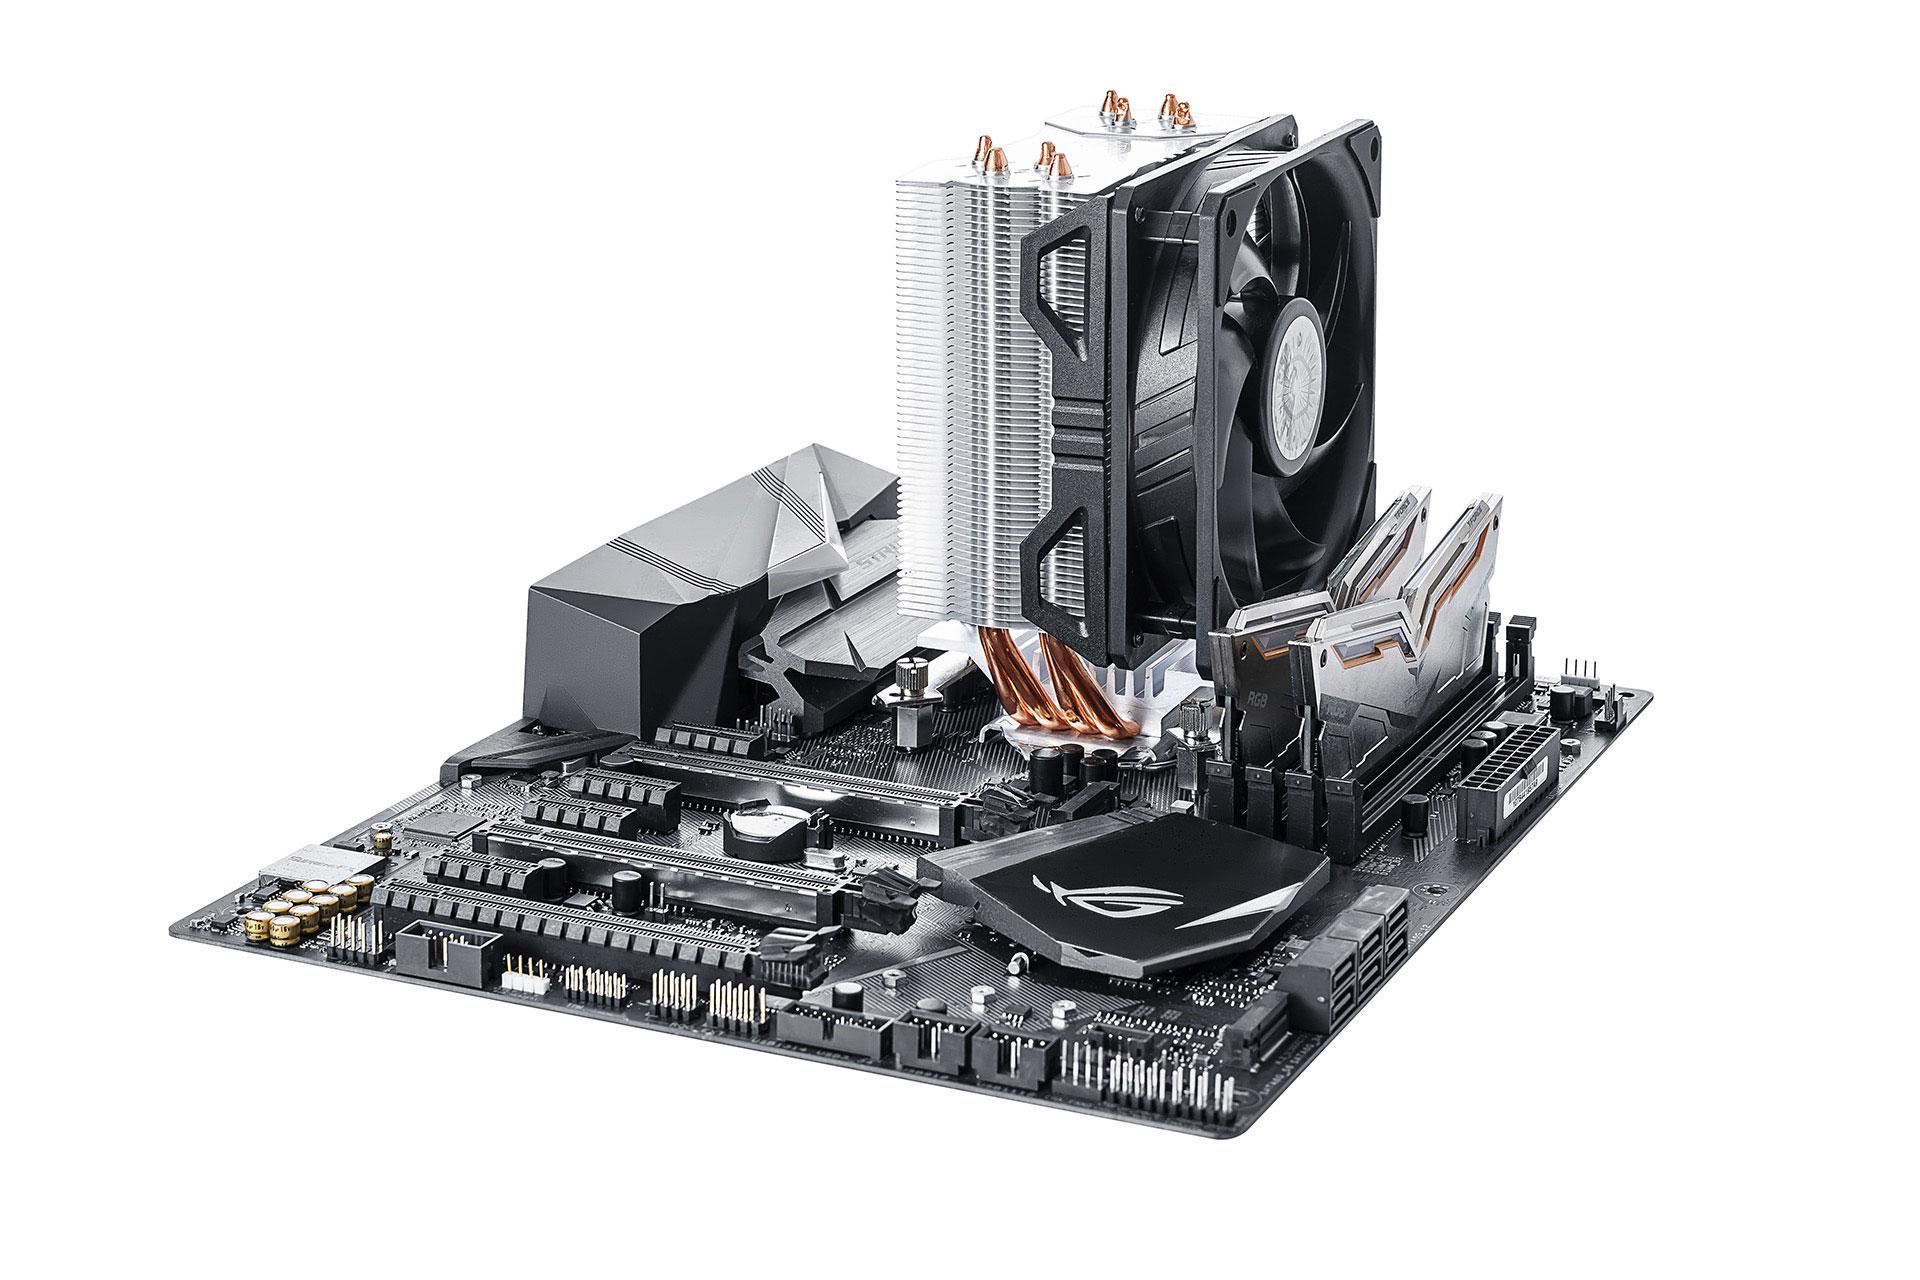 Procesorový chladič Cooler Master Hyper 212 EVO V2 zamíří do prodeje